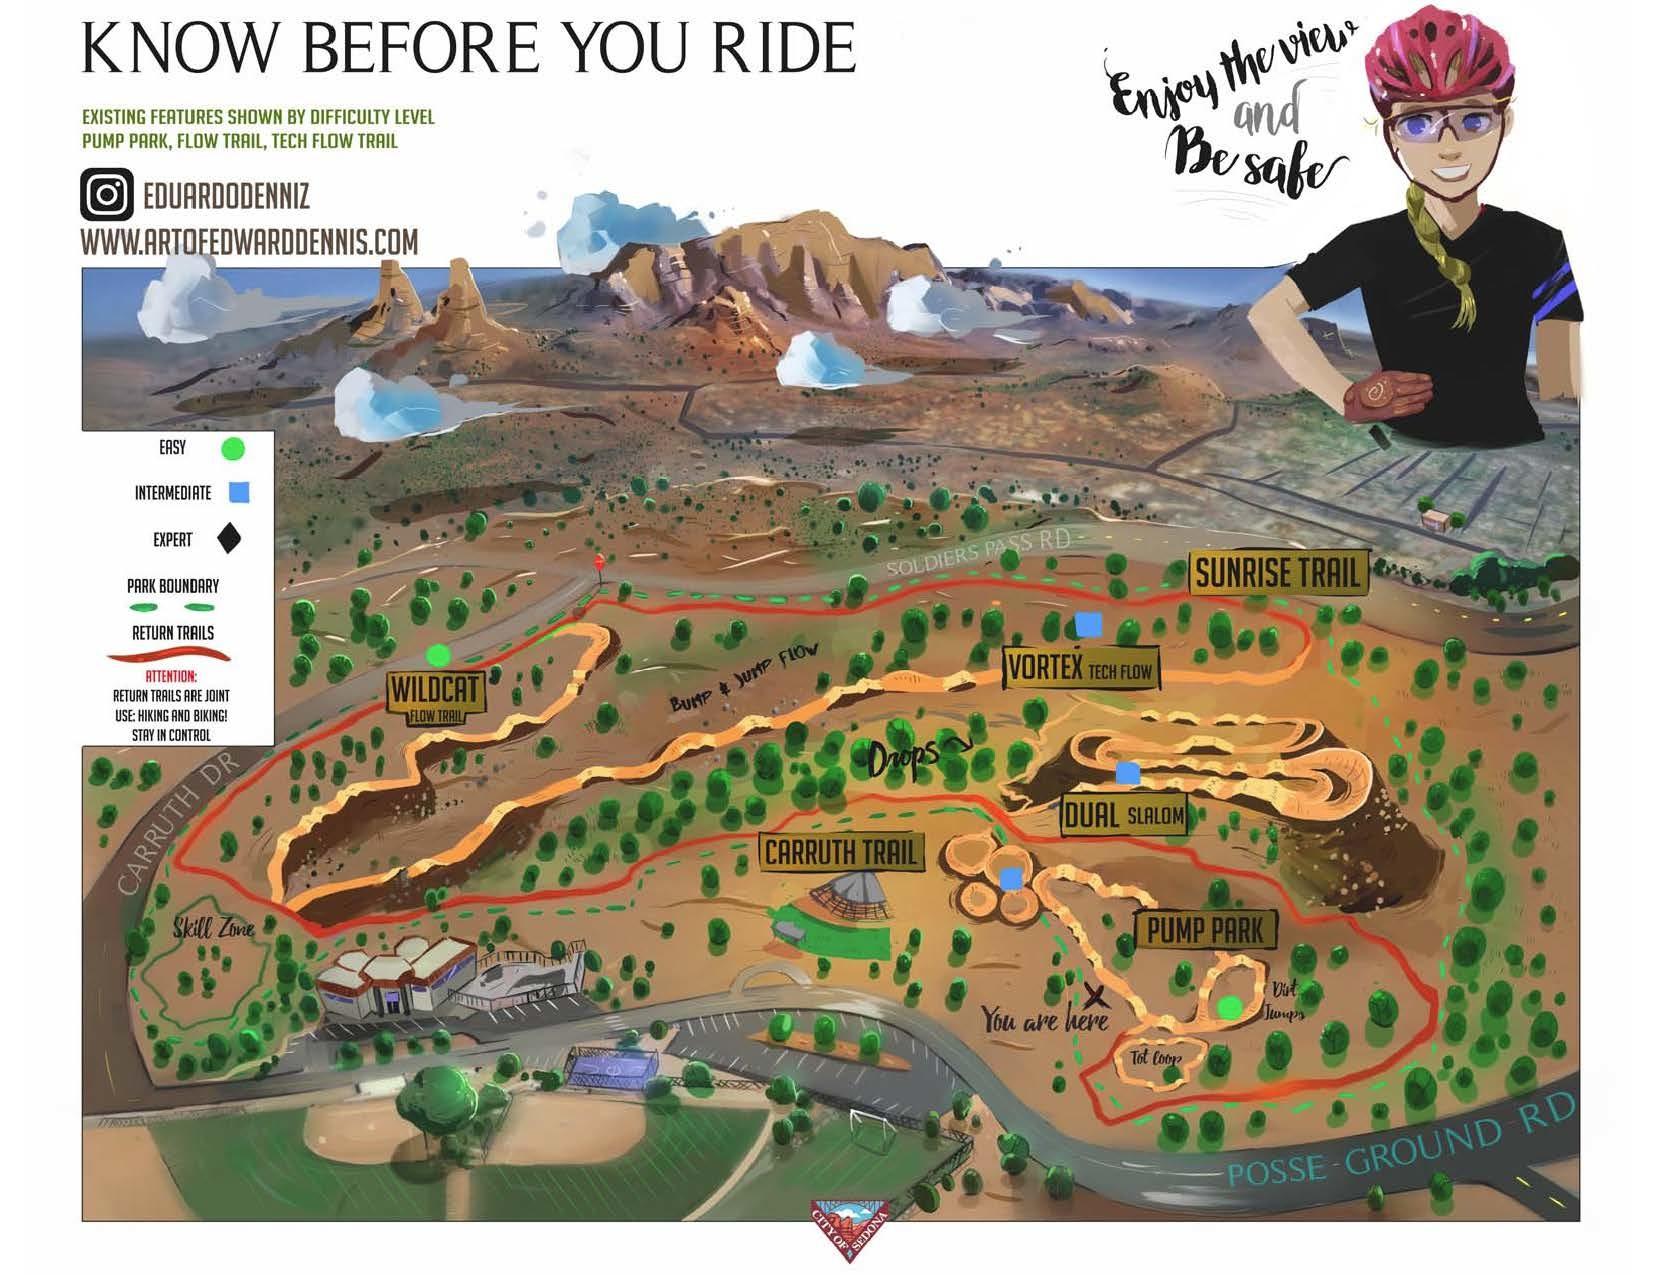 Sedona Bike Skills Park